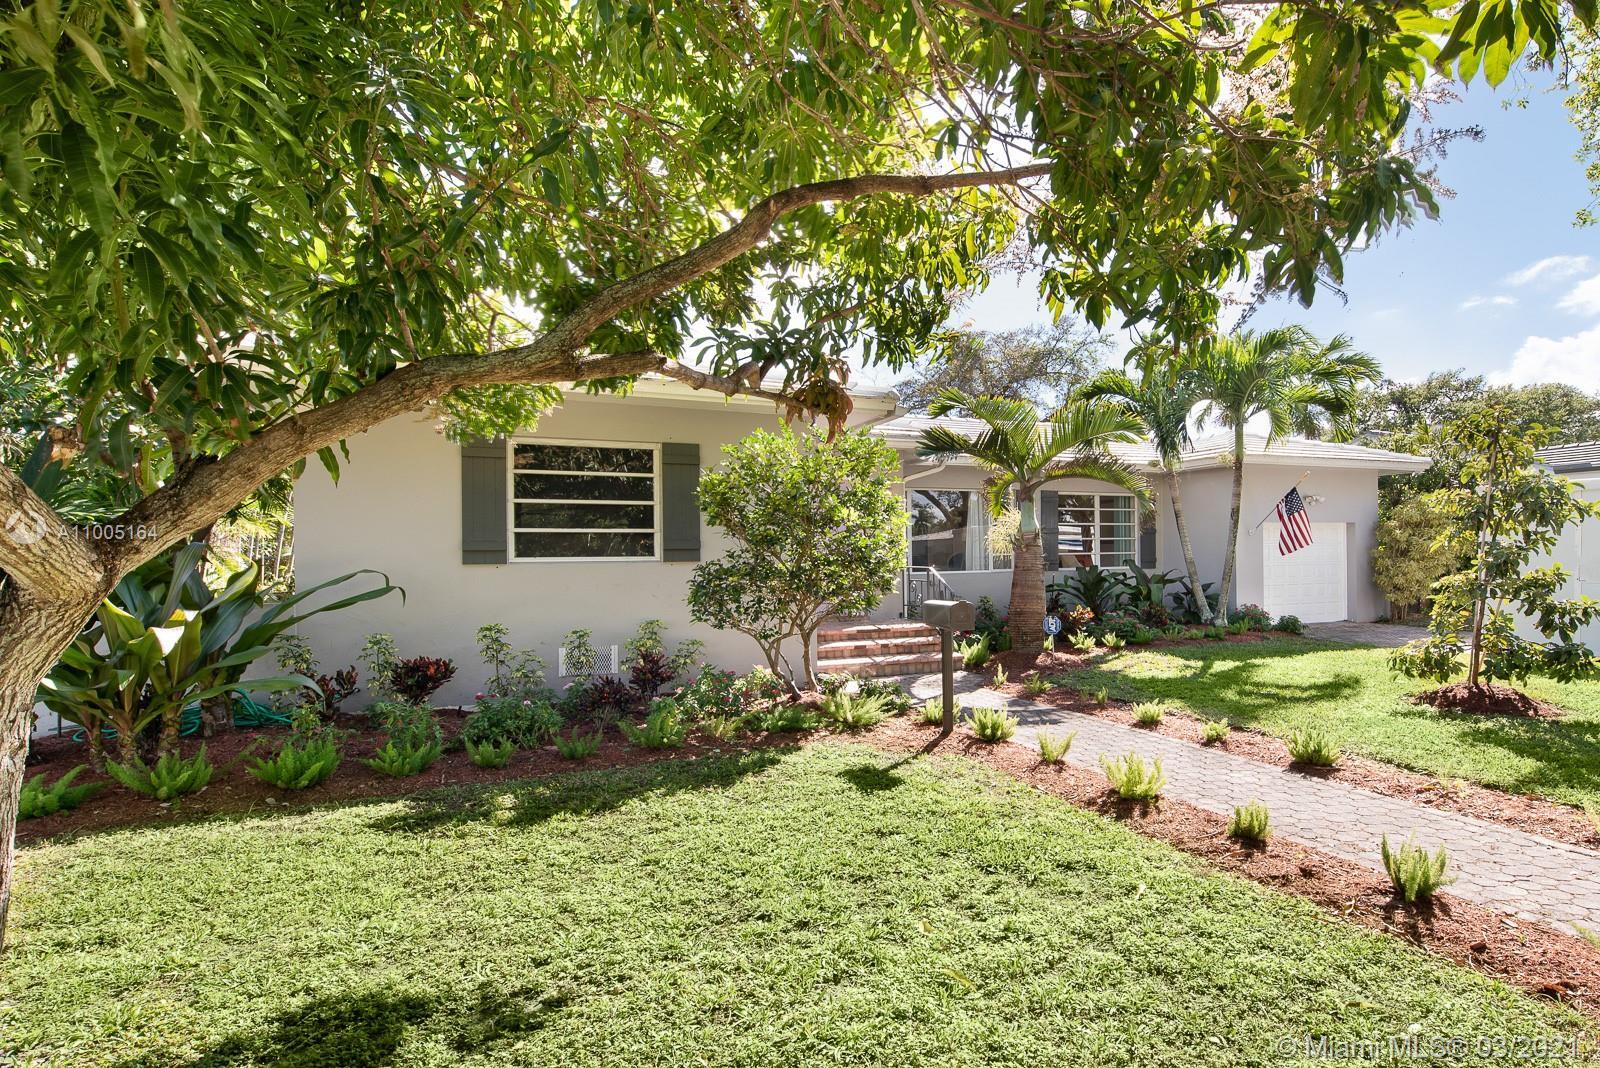 Miami Shores - 776 NE 95th St, Miami Shores, FL 33138